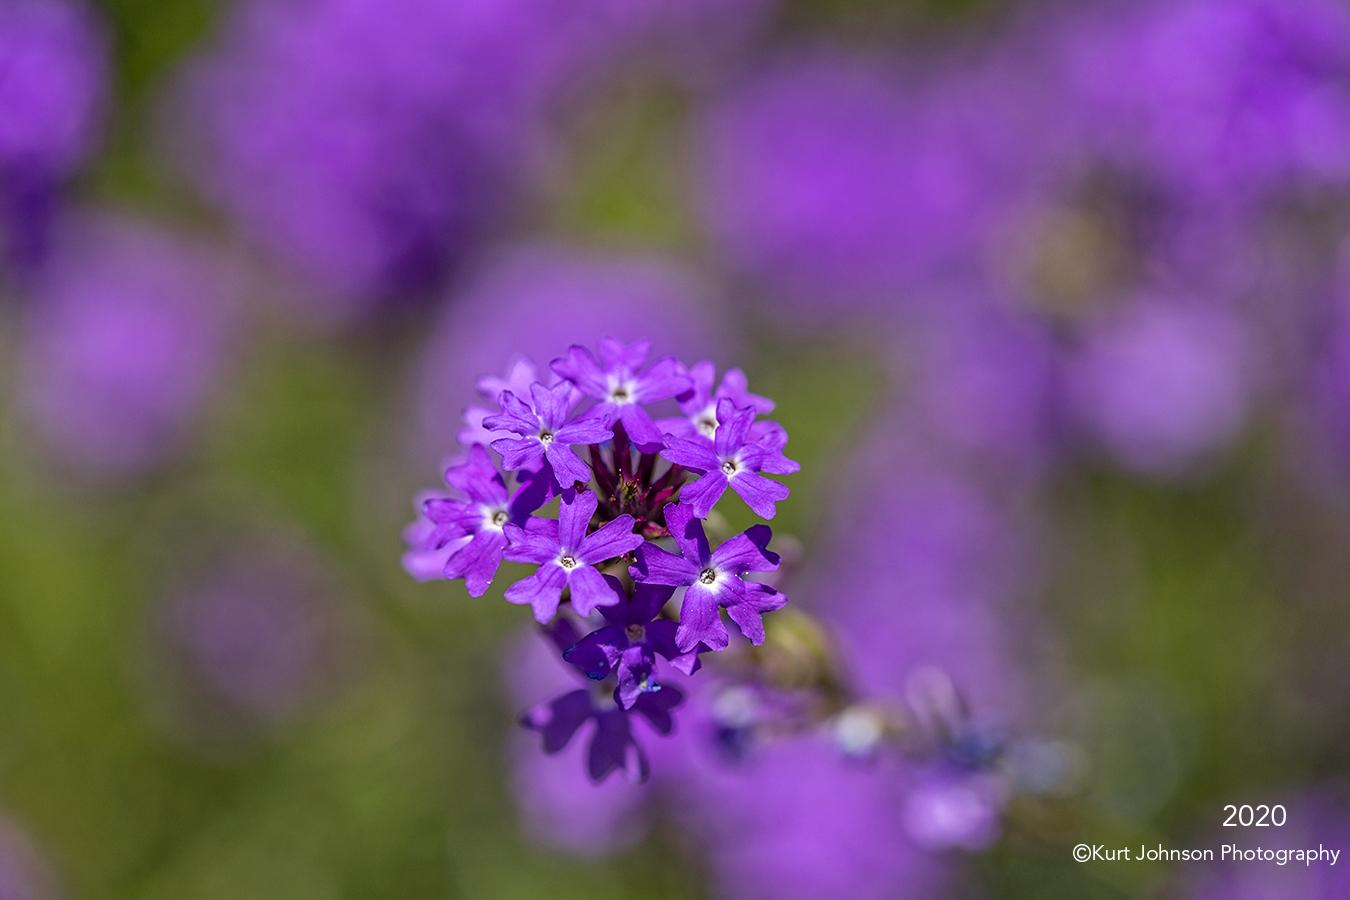 southwest flowers purple